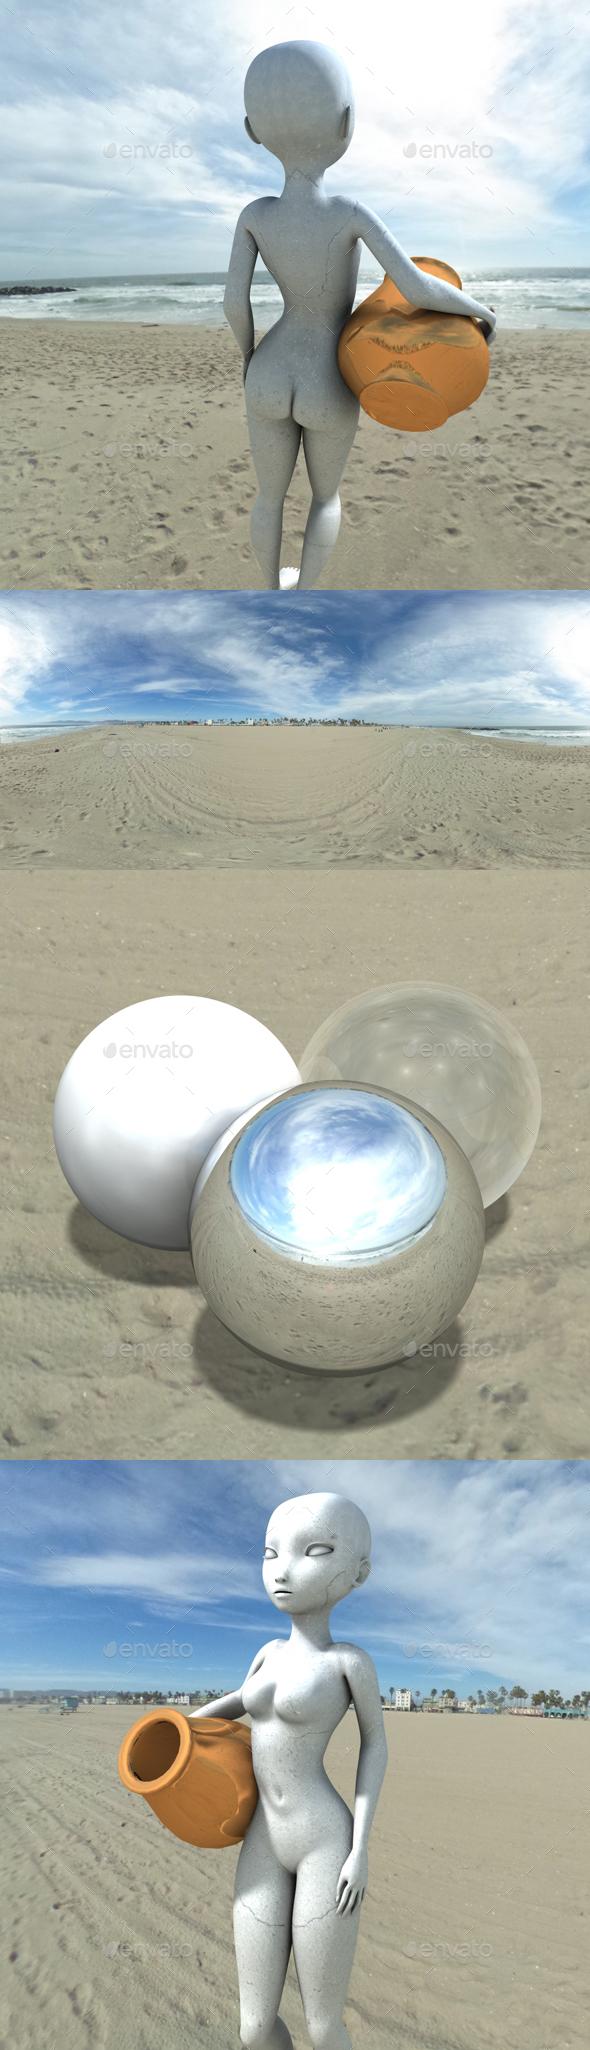 Bright Venice Beach HDRI